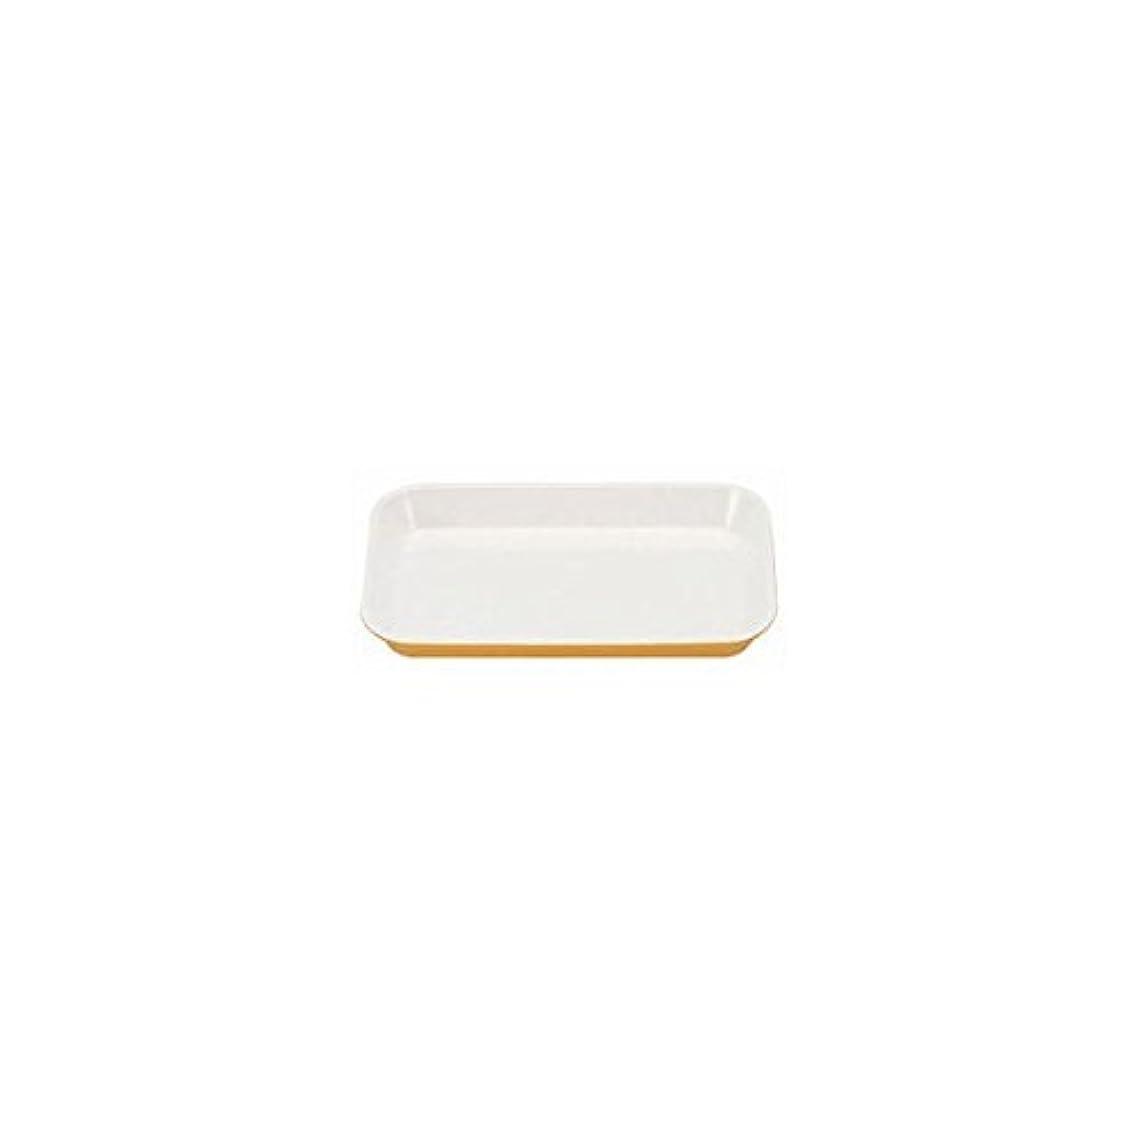 壁リーフレット三メラミン デリカバット 黄内白 小 尺0寸